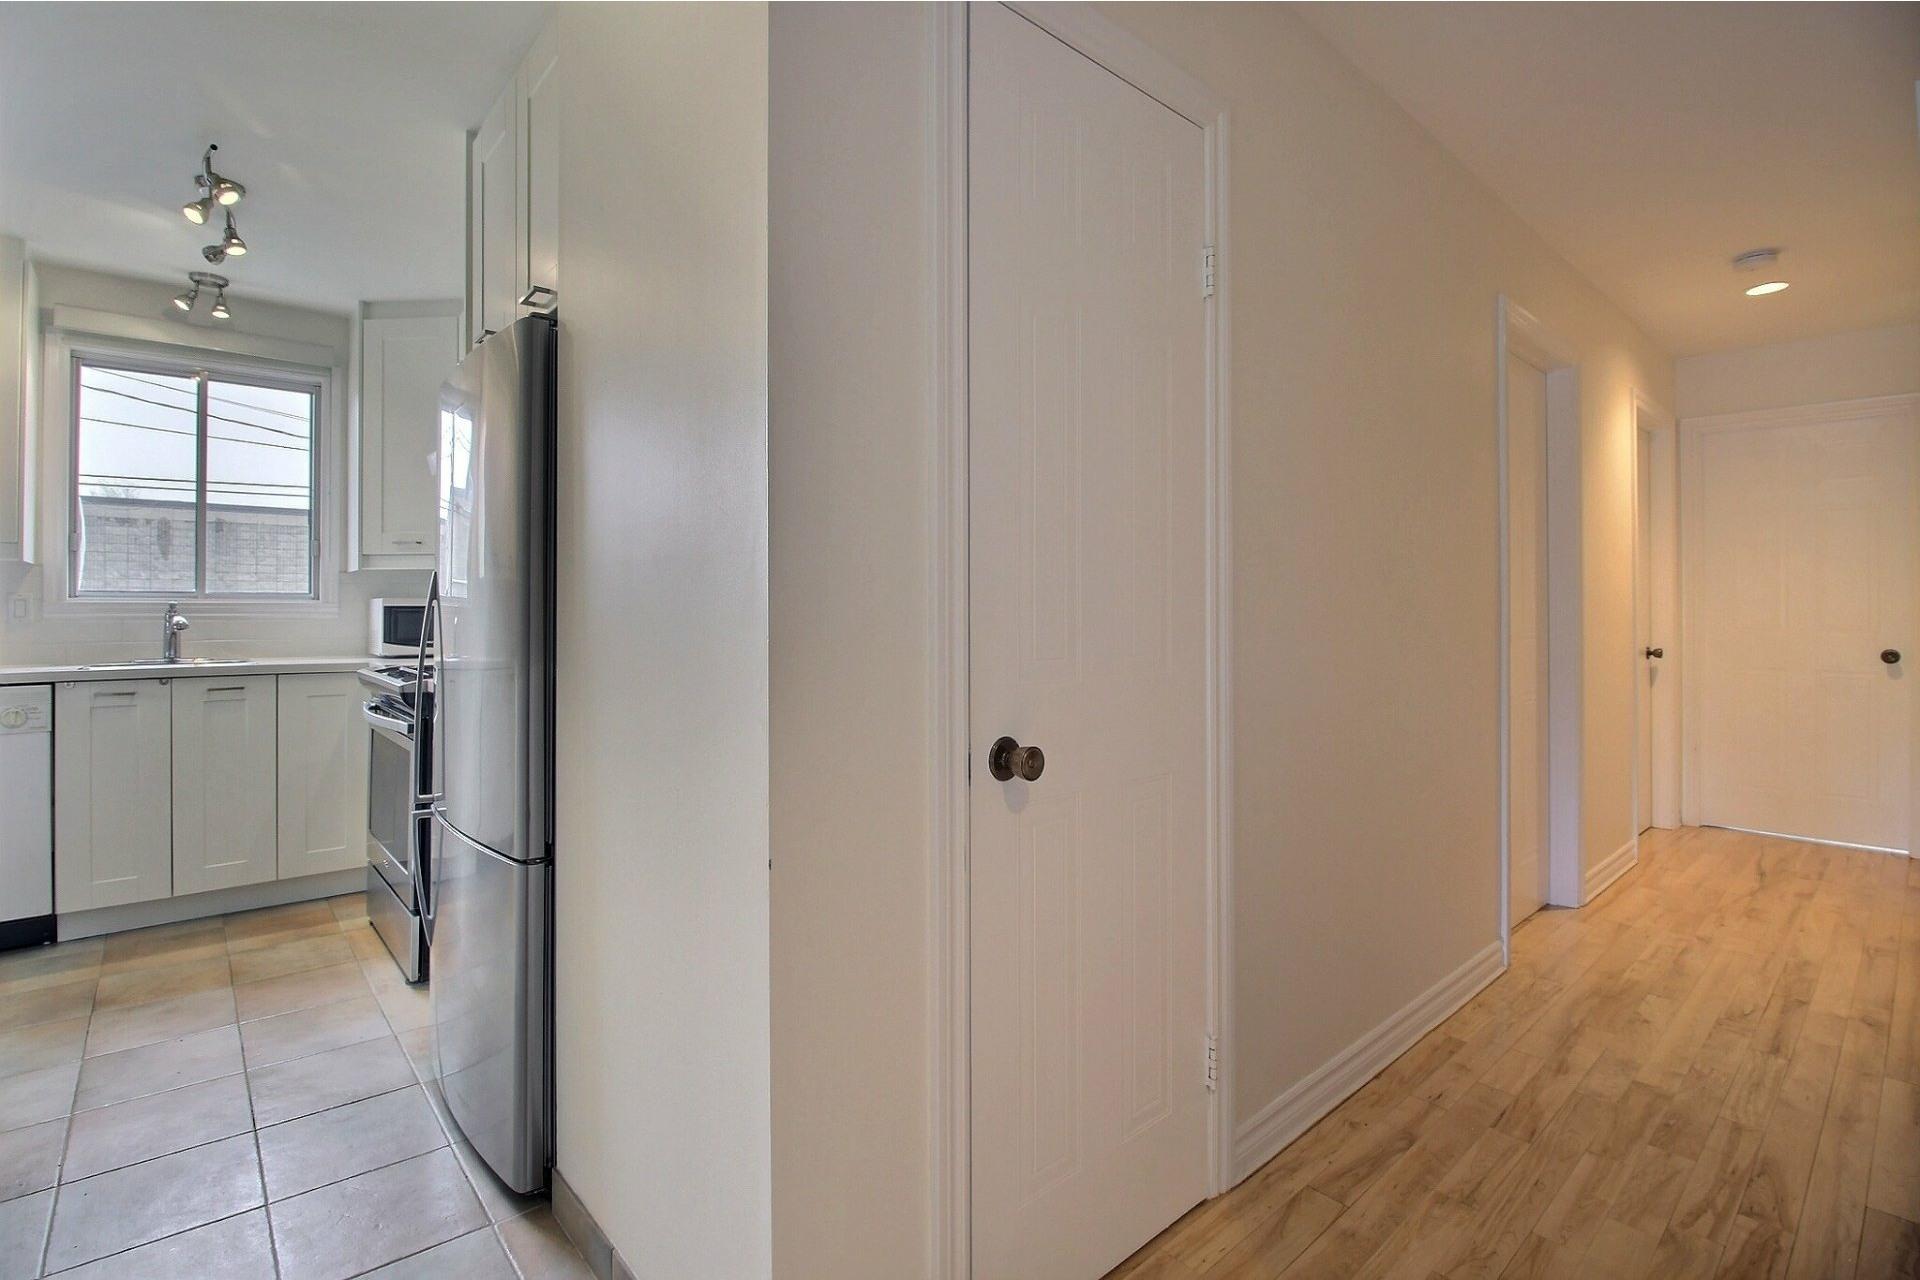 image 13 - Appartement À vendre Rivière-des-Prairies/Pointe-aux-Trembles Montréal  - 5 pièces